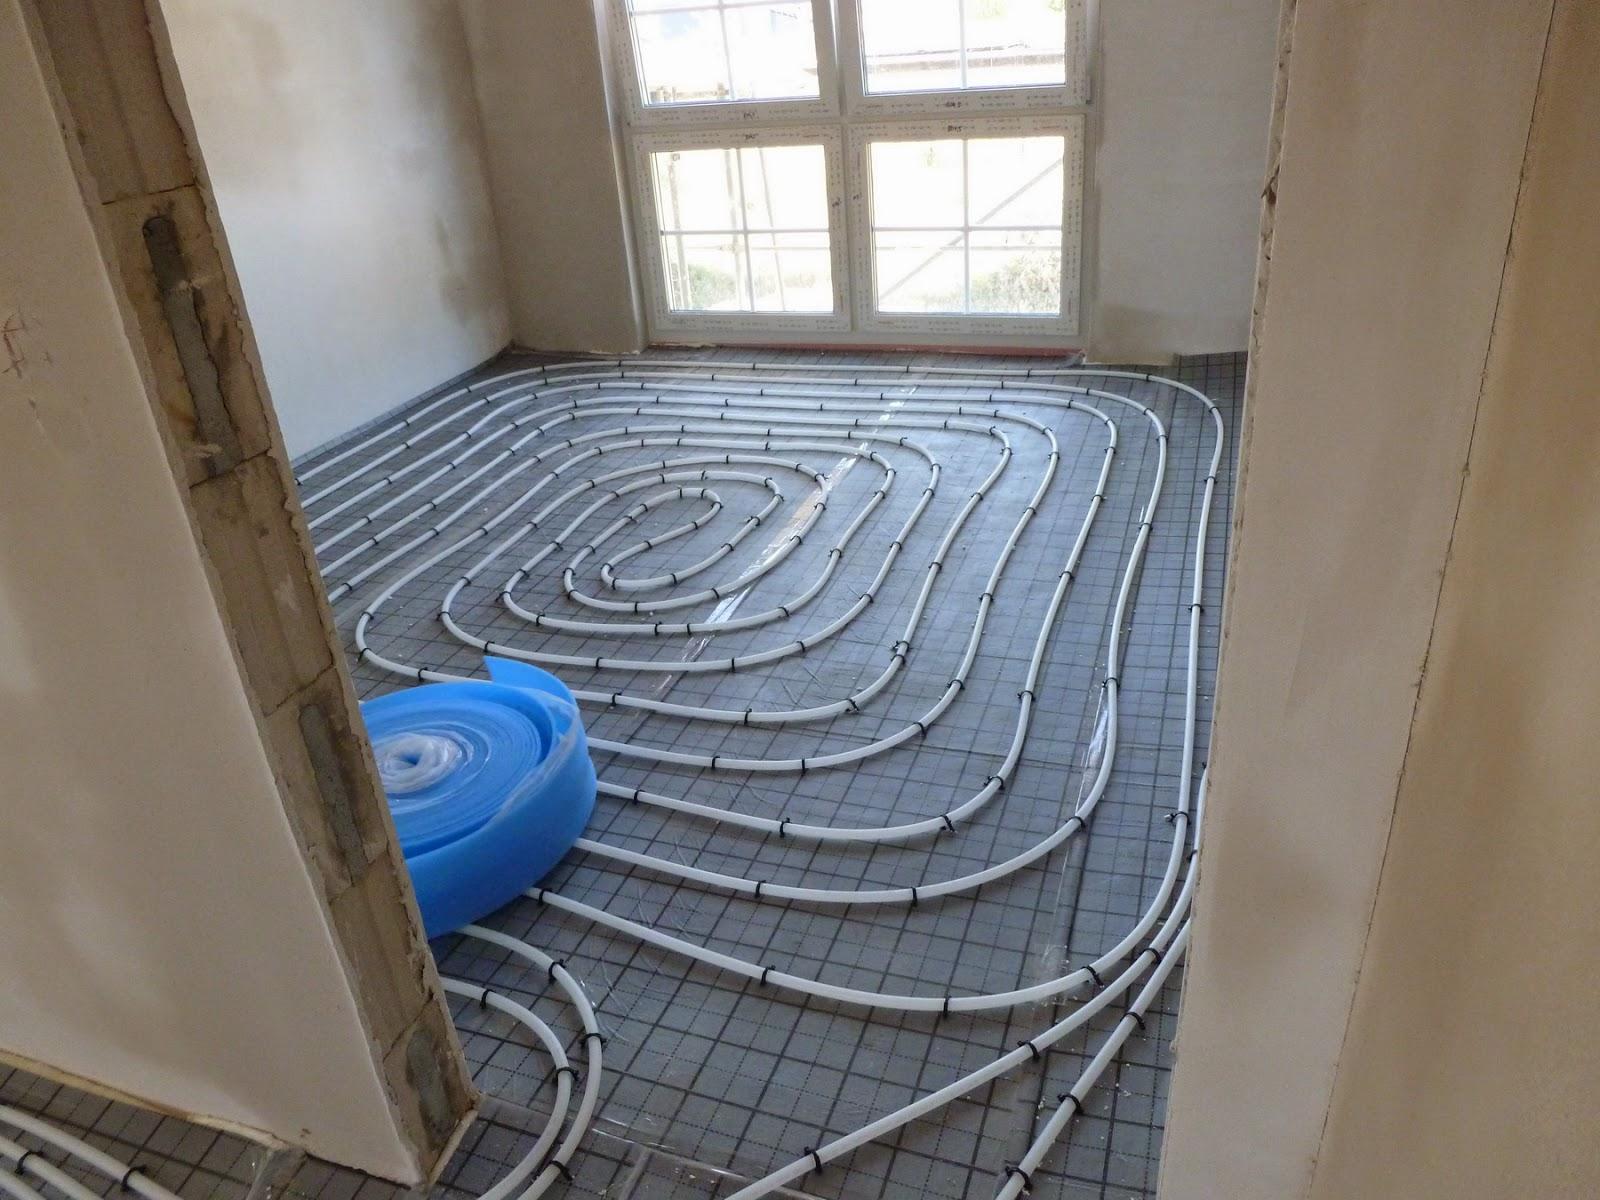 Fußbodenheizung Dämmung ~ M m bauen dämmung fußbodenheizung og